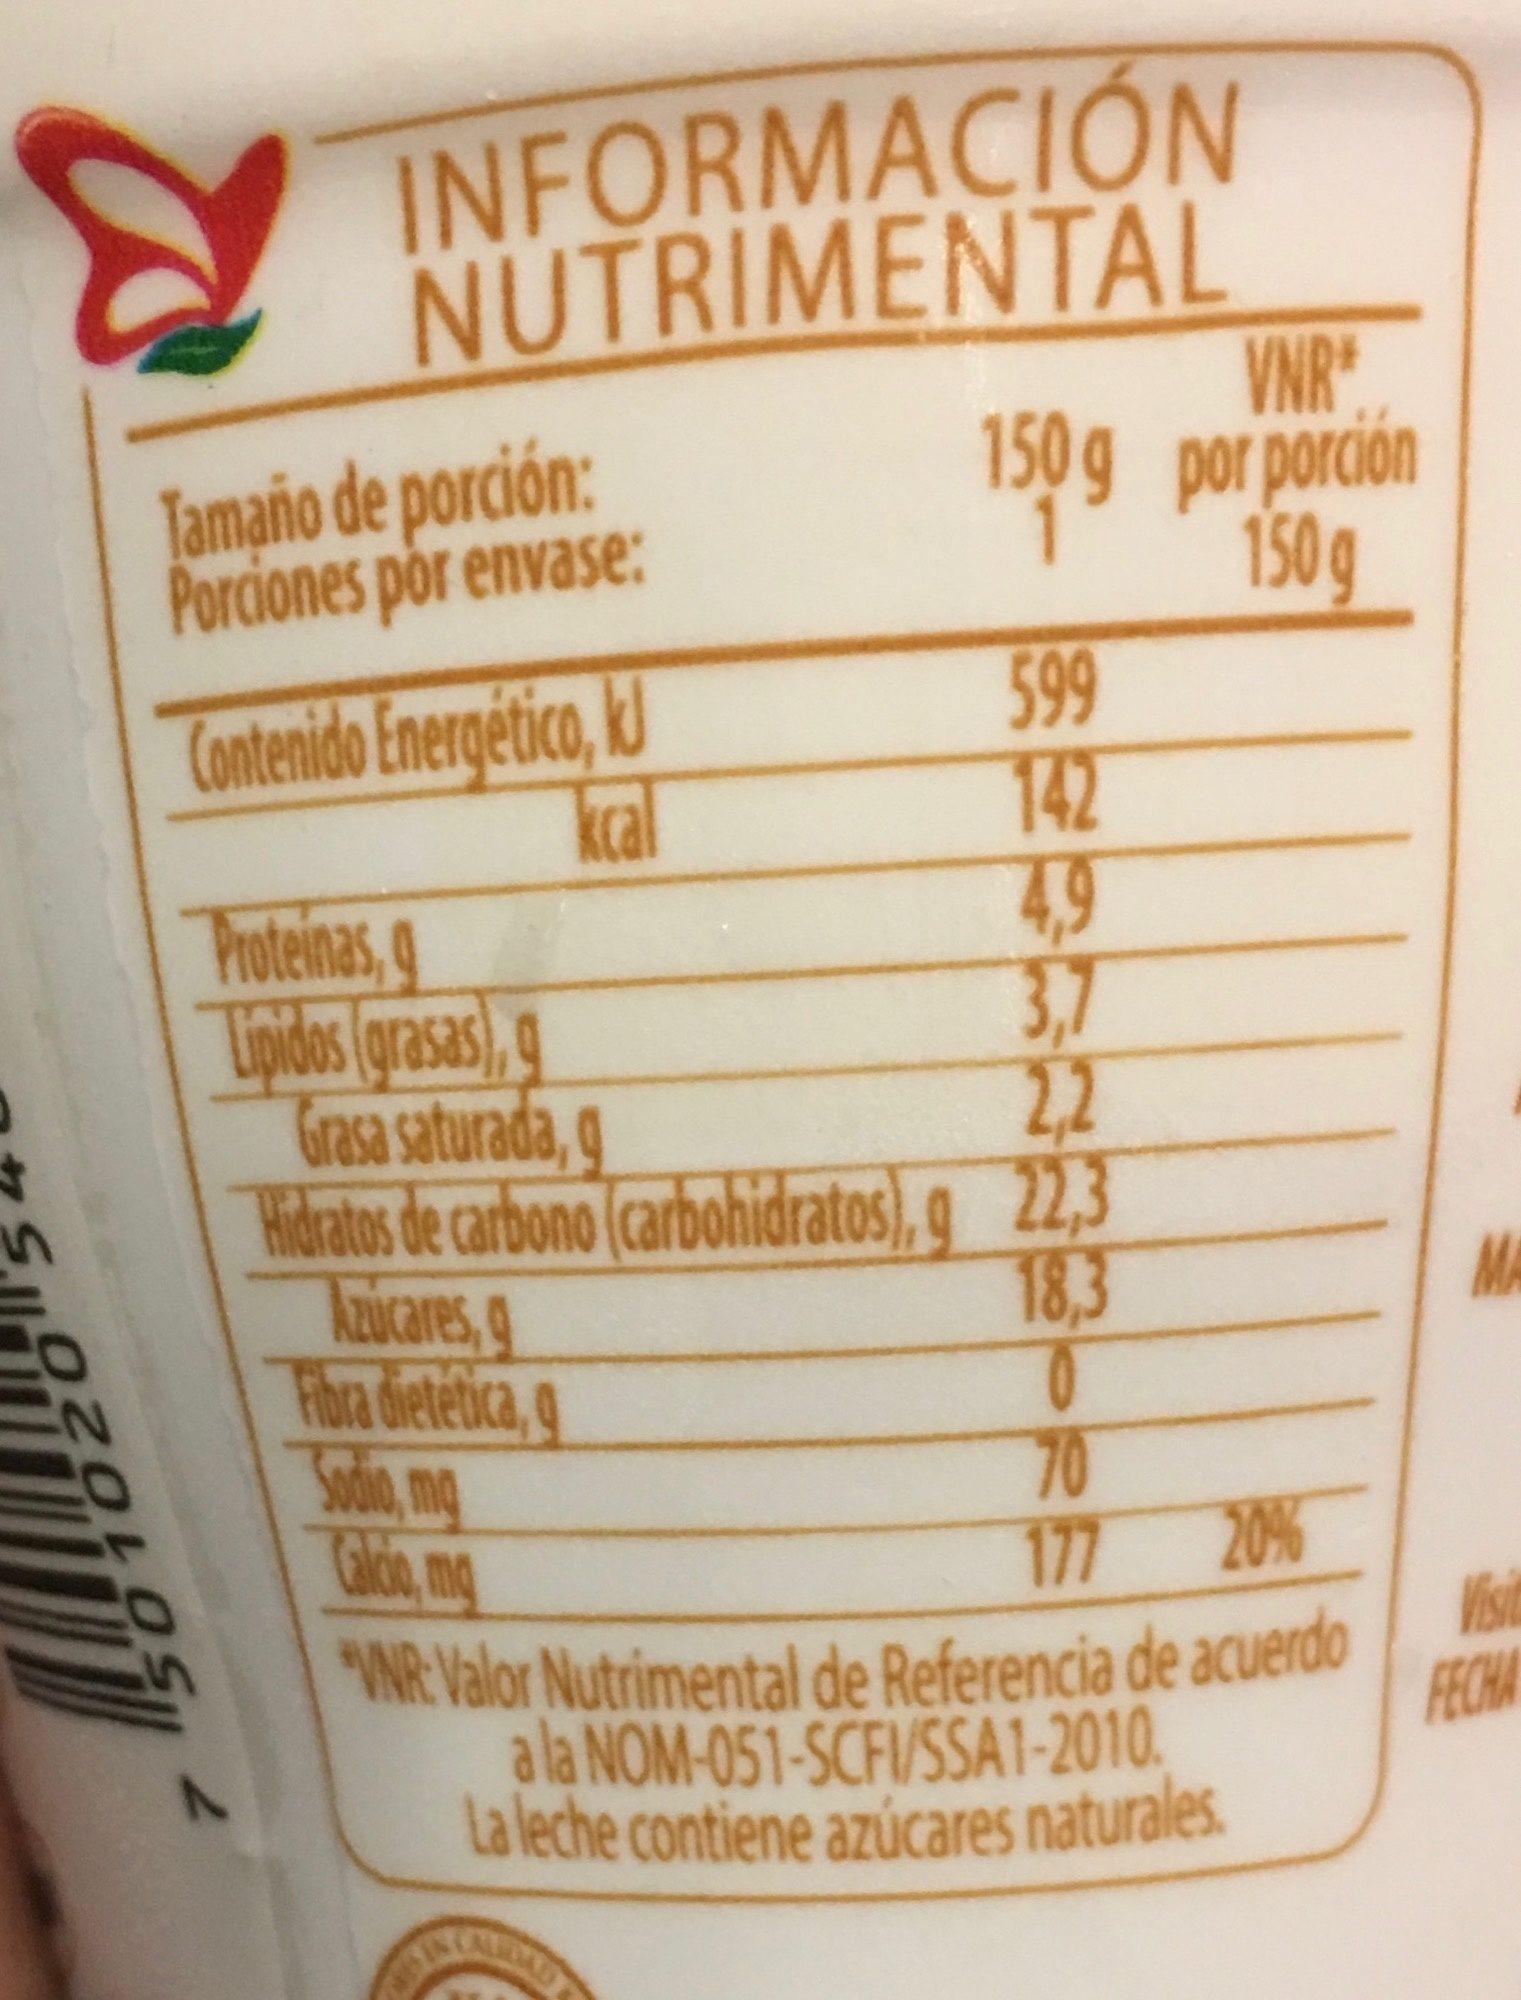 Yogur Semillas Lala - Nutrition facts - es